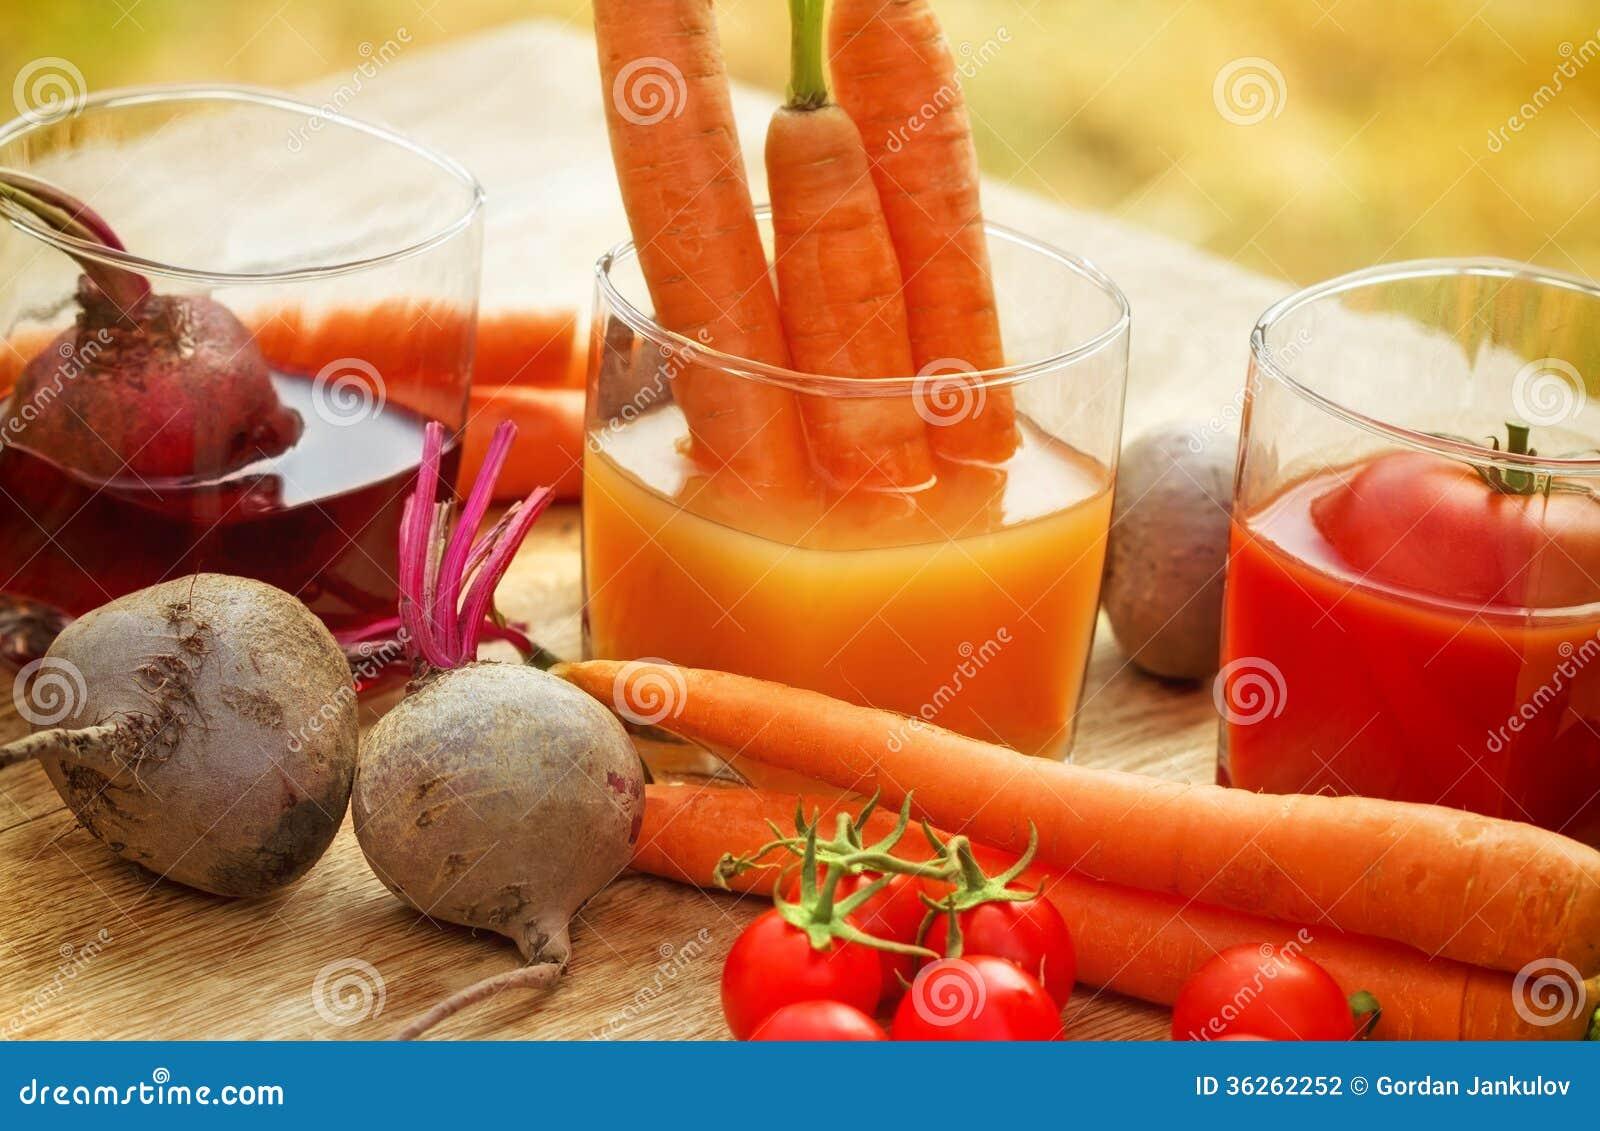 Jugo De Zanahoria Jugo De Tomate Y Jugo De La Remolacha Foto De Archivo Imagen De Jugo Zanahoria 36262252 Después, pelamos las naranjas y las exprimimos para sacar todo el jugo que podamos. dreamstime